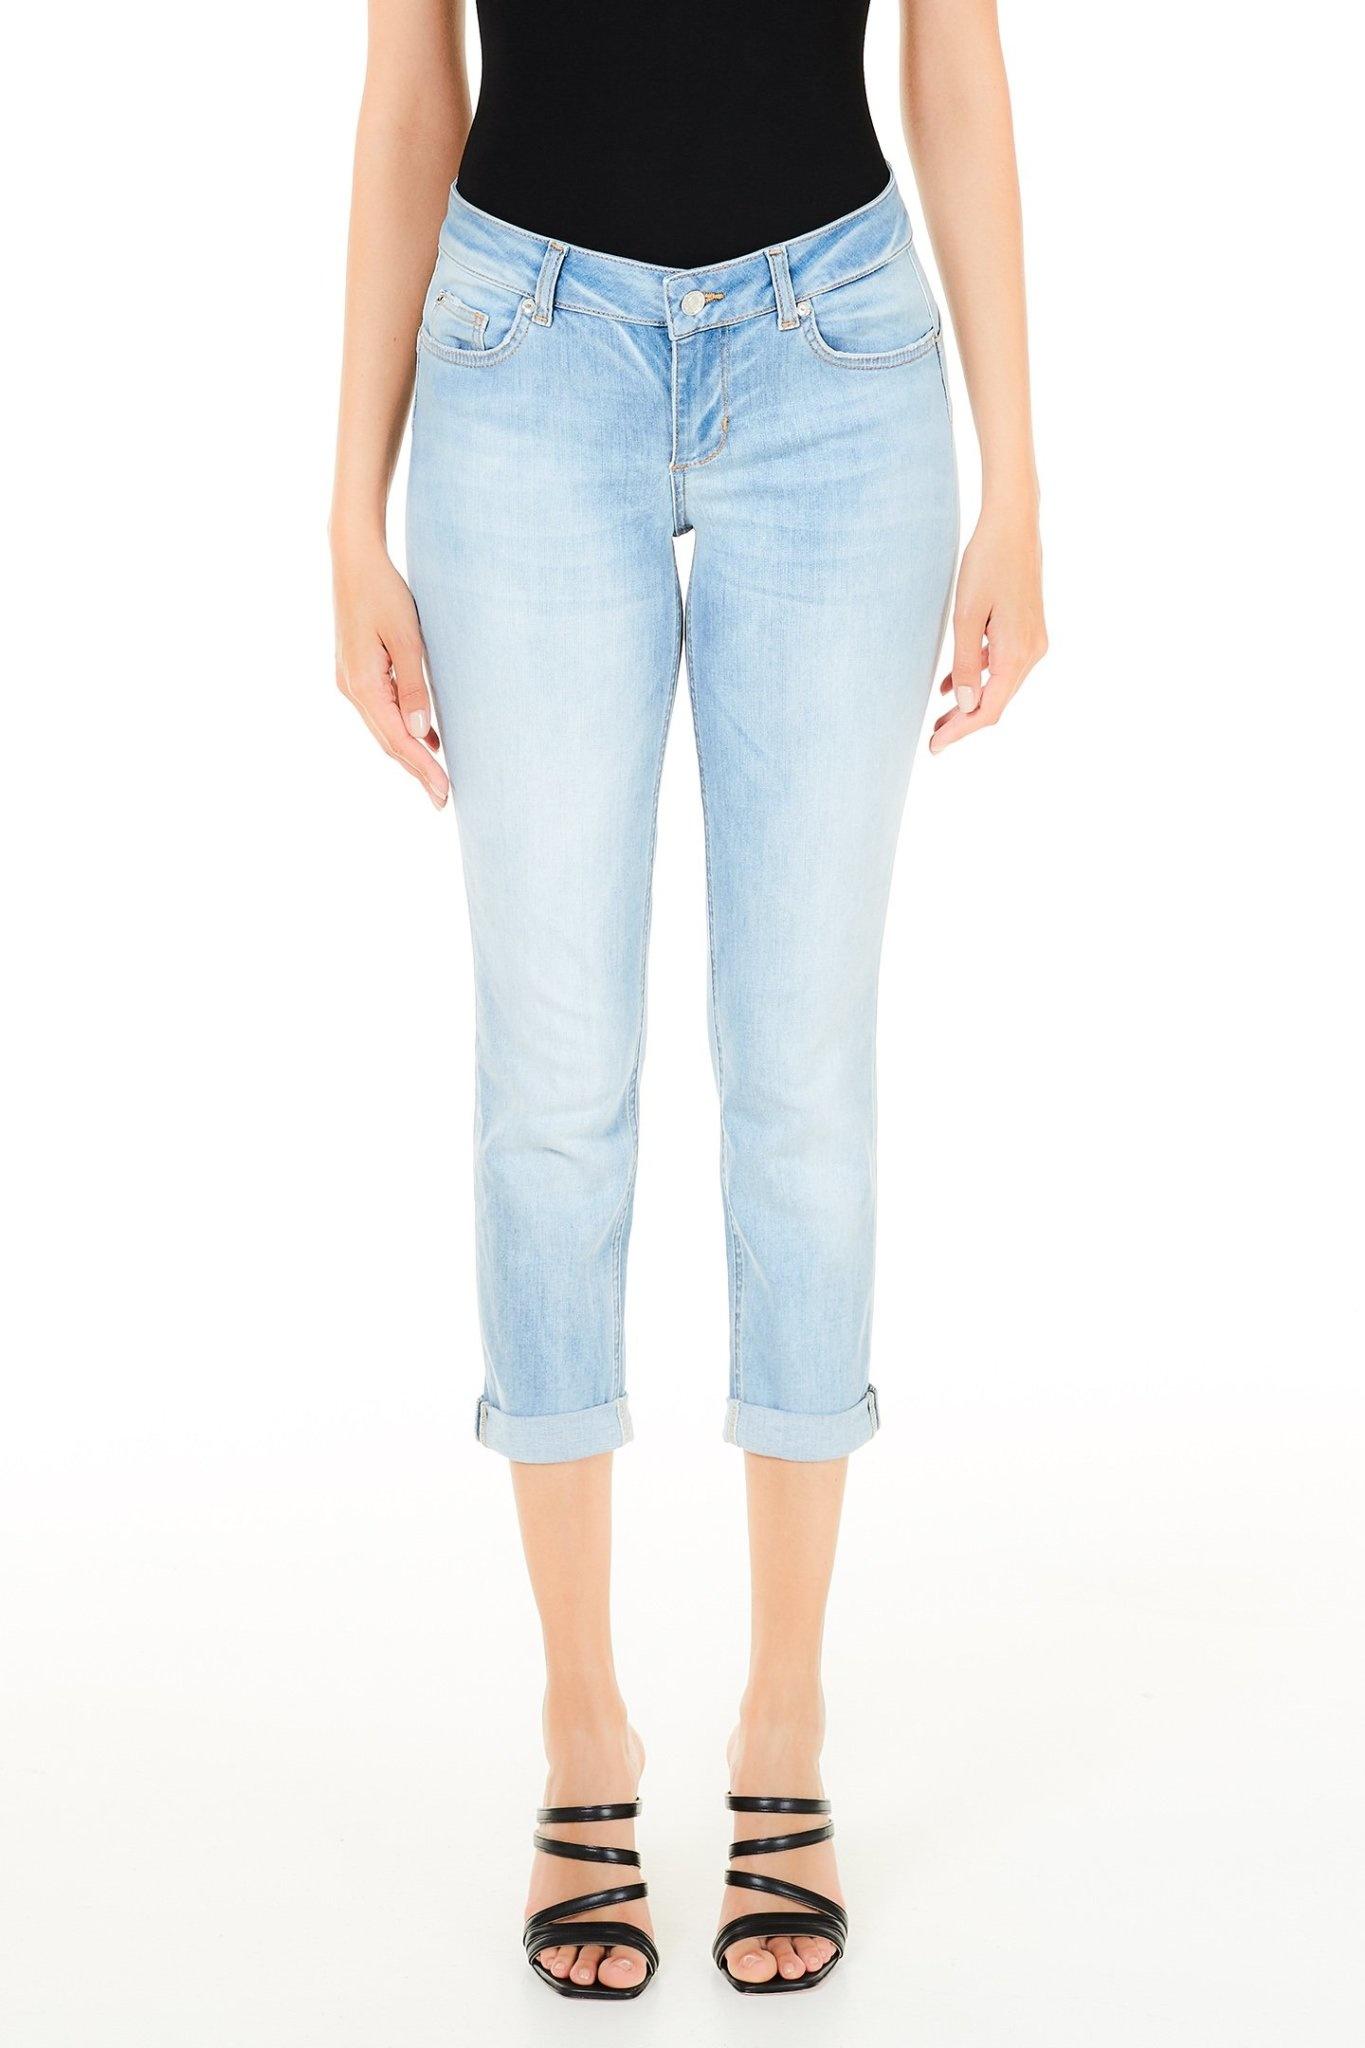 Jeans bottom up Monroe light blue-1